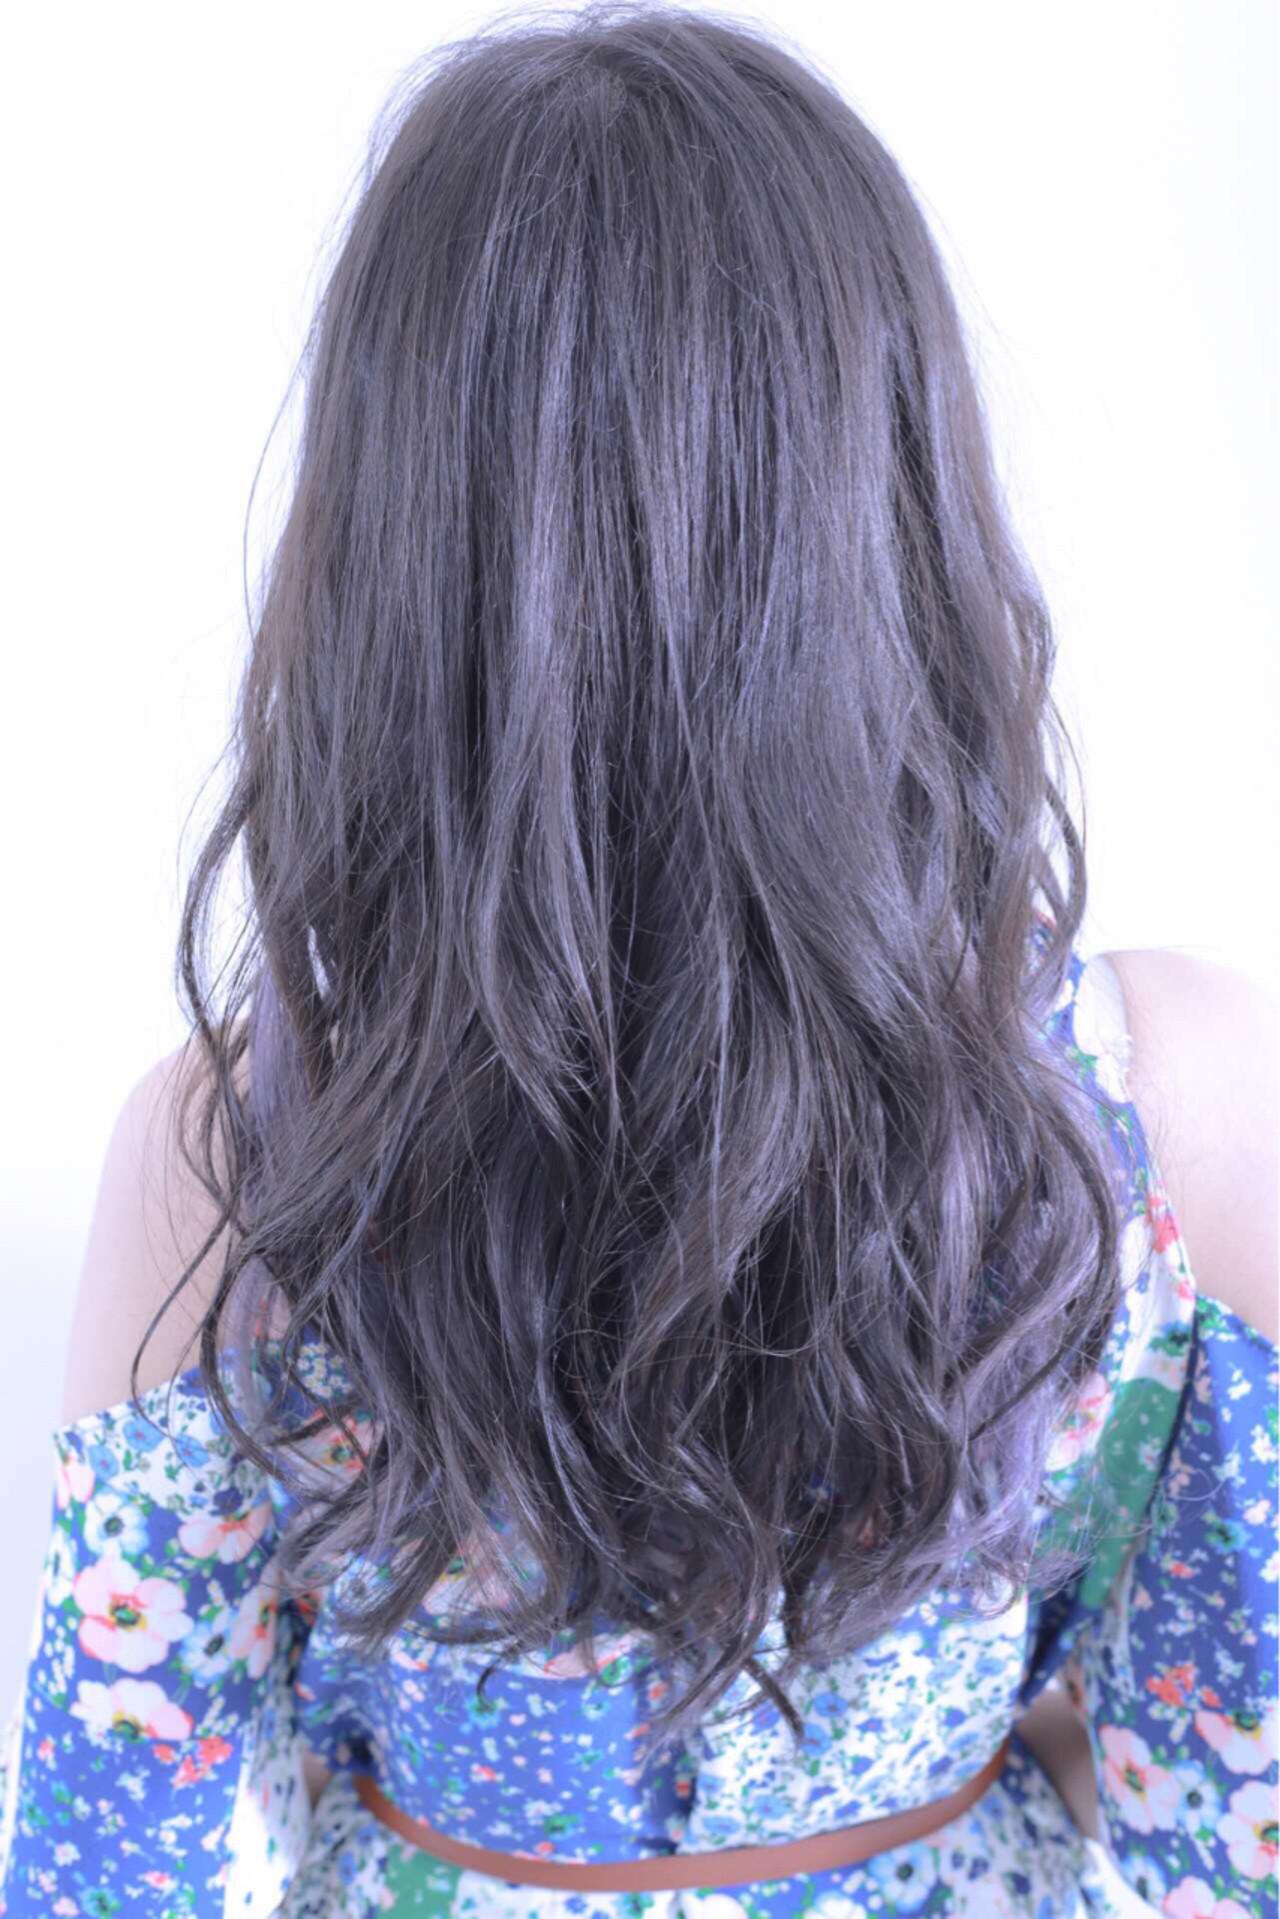 ラベンダー 外国人風 スモーキーカラー ピュア ヘアスタイルや髪型の写真・画像 | 伊藤 裕貴 / LOAOL上小田井店